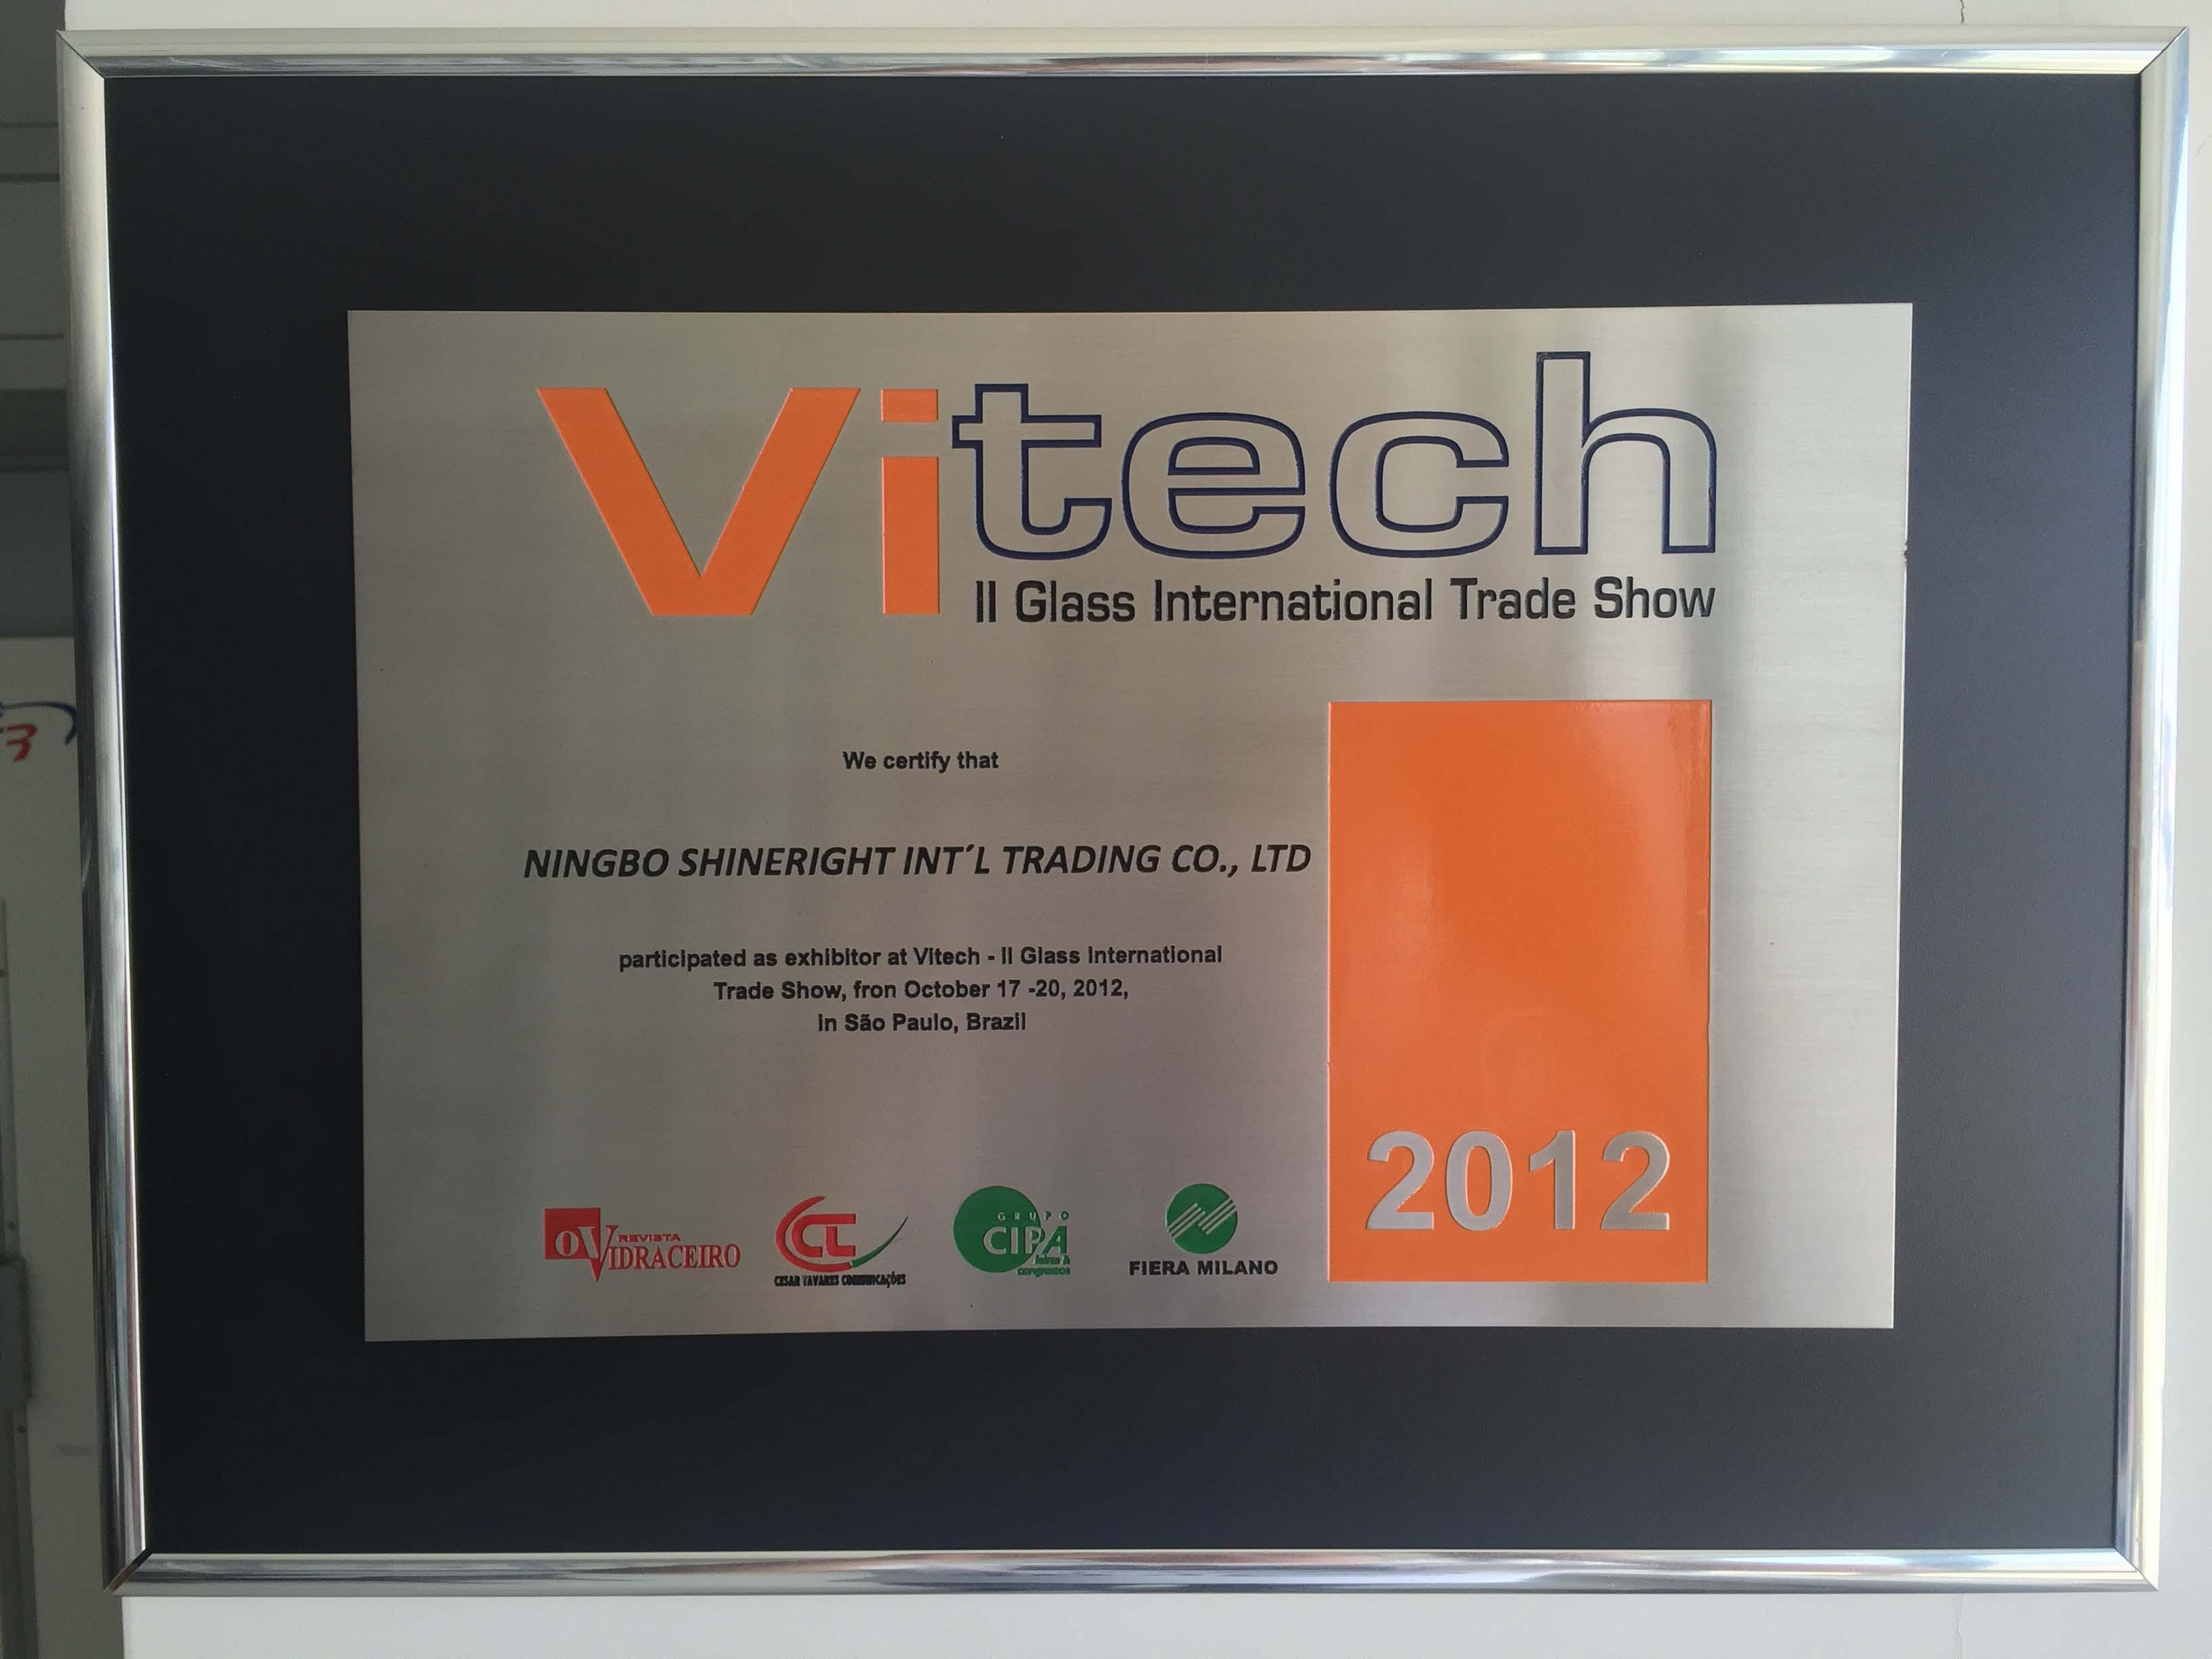 Vitech II Glass International Trade Show